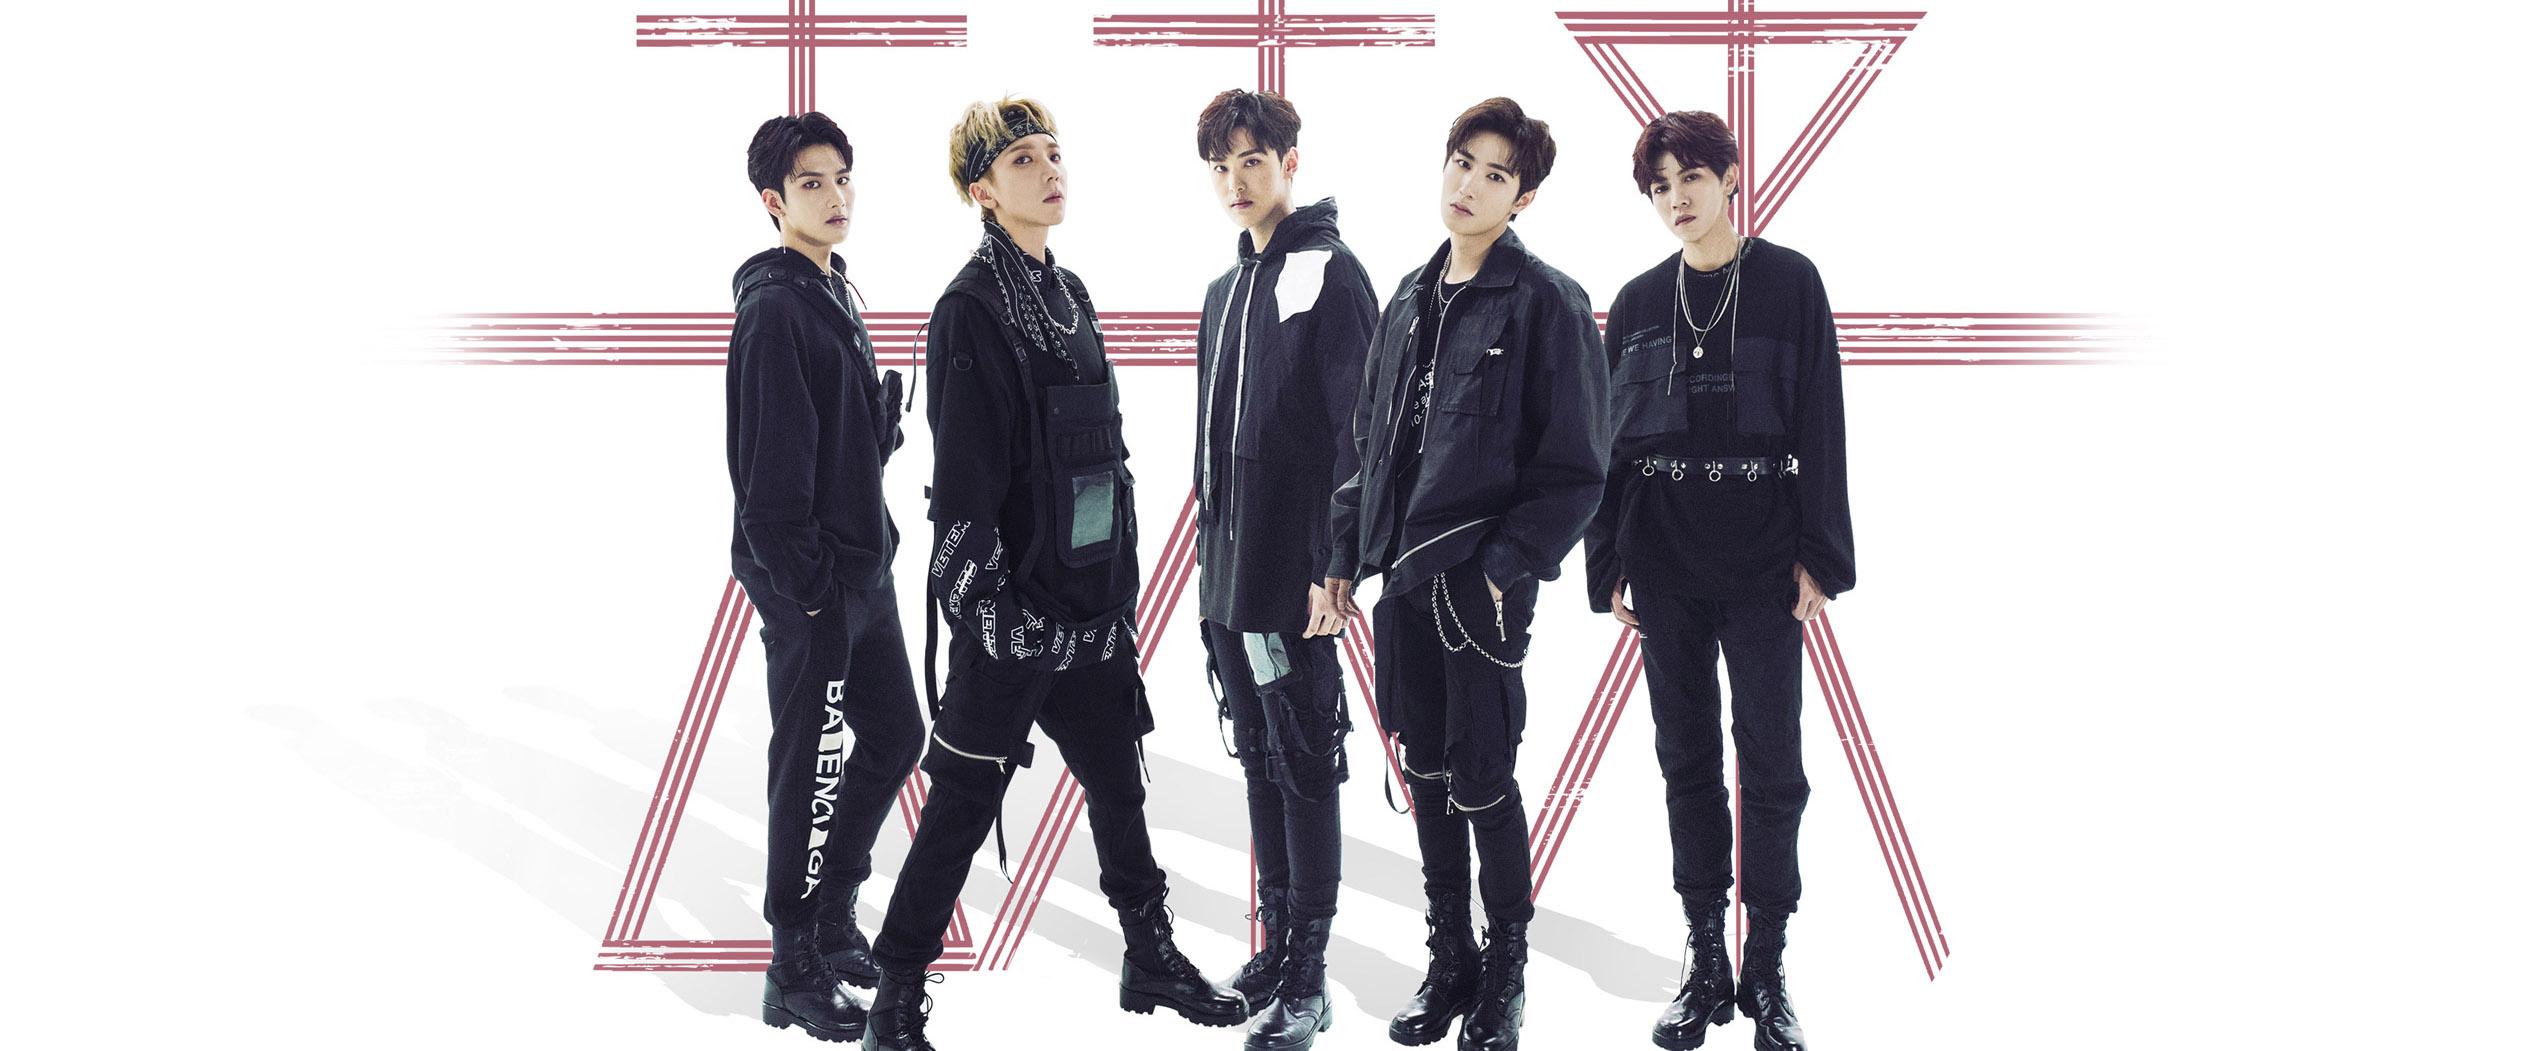 钛戈男团首张专辑《去未来》近日上线